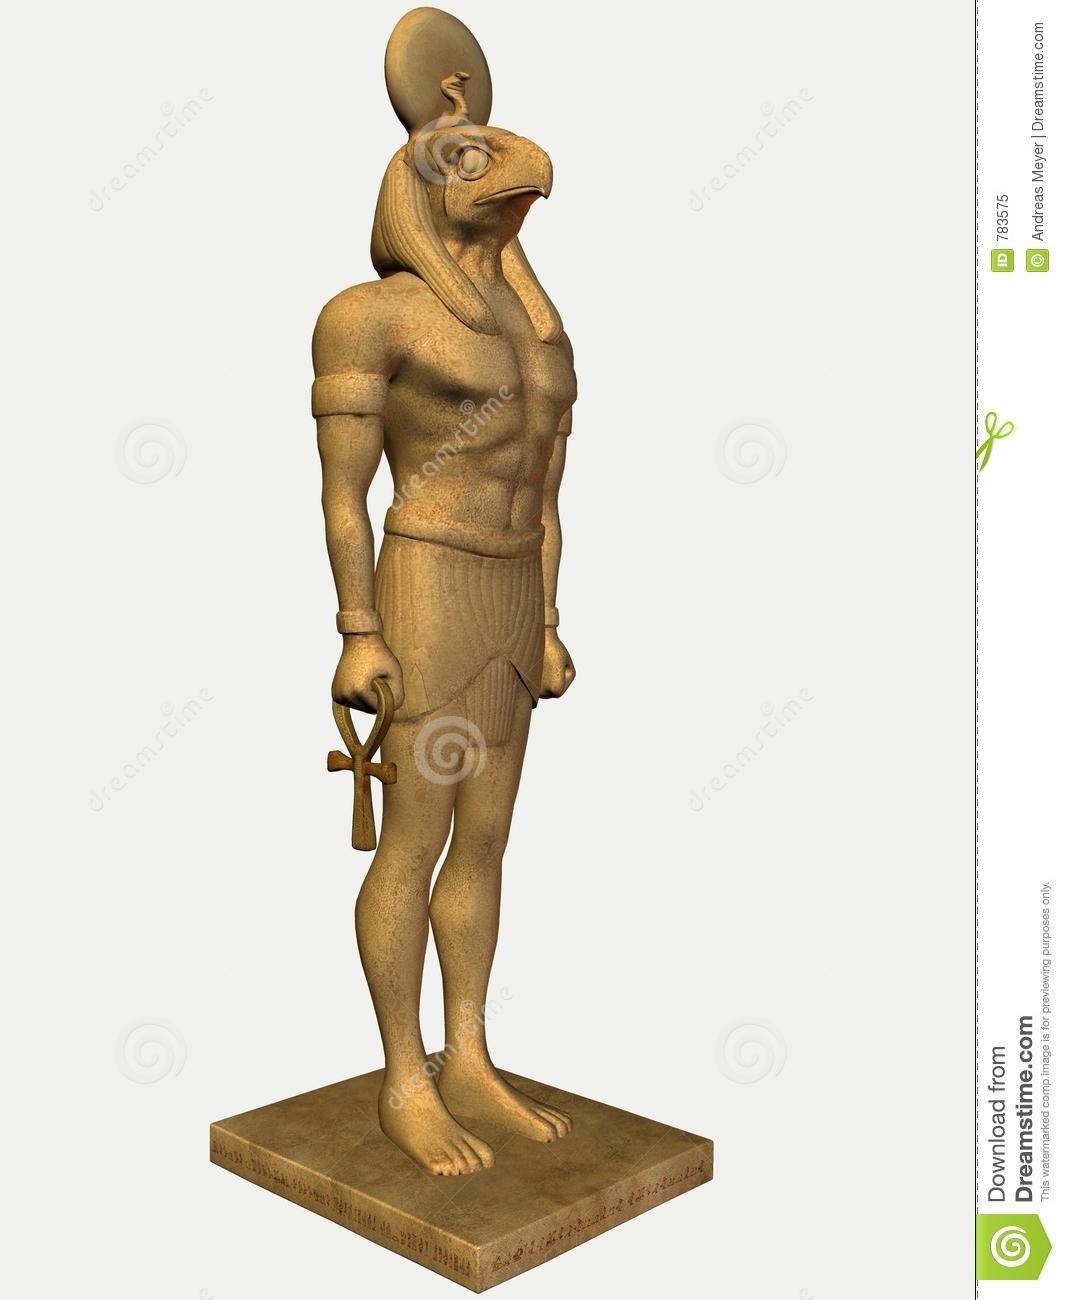 Horus statue clipart.